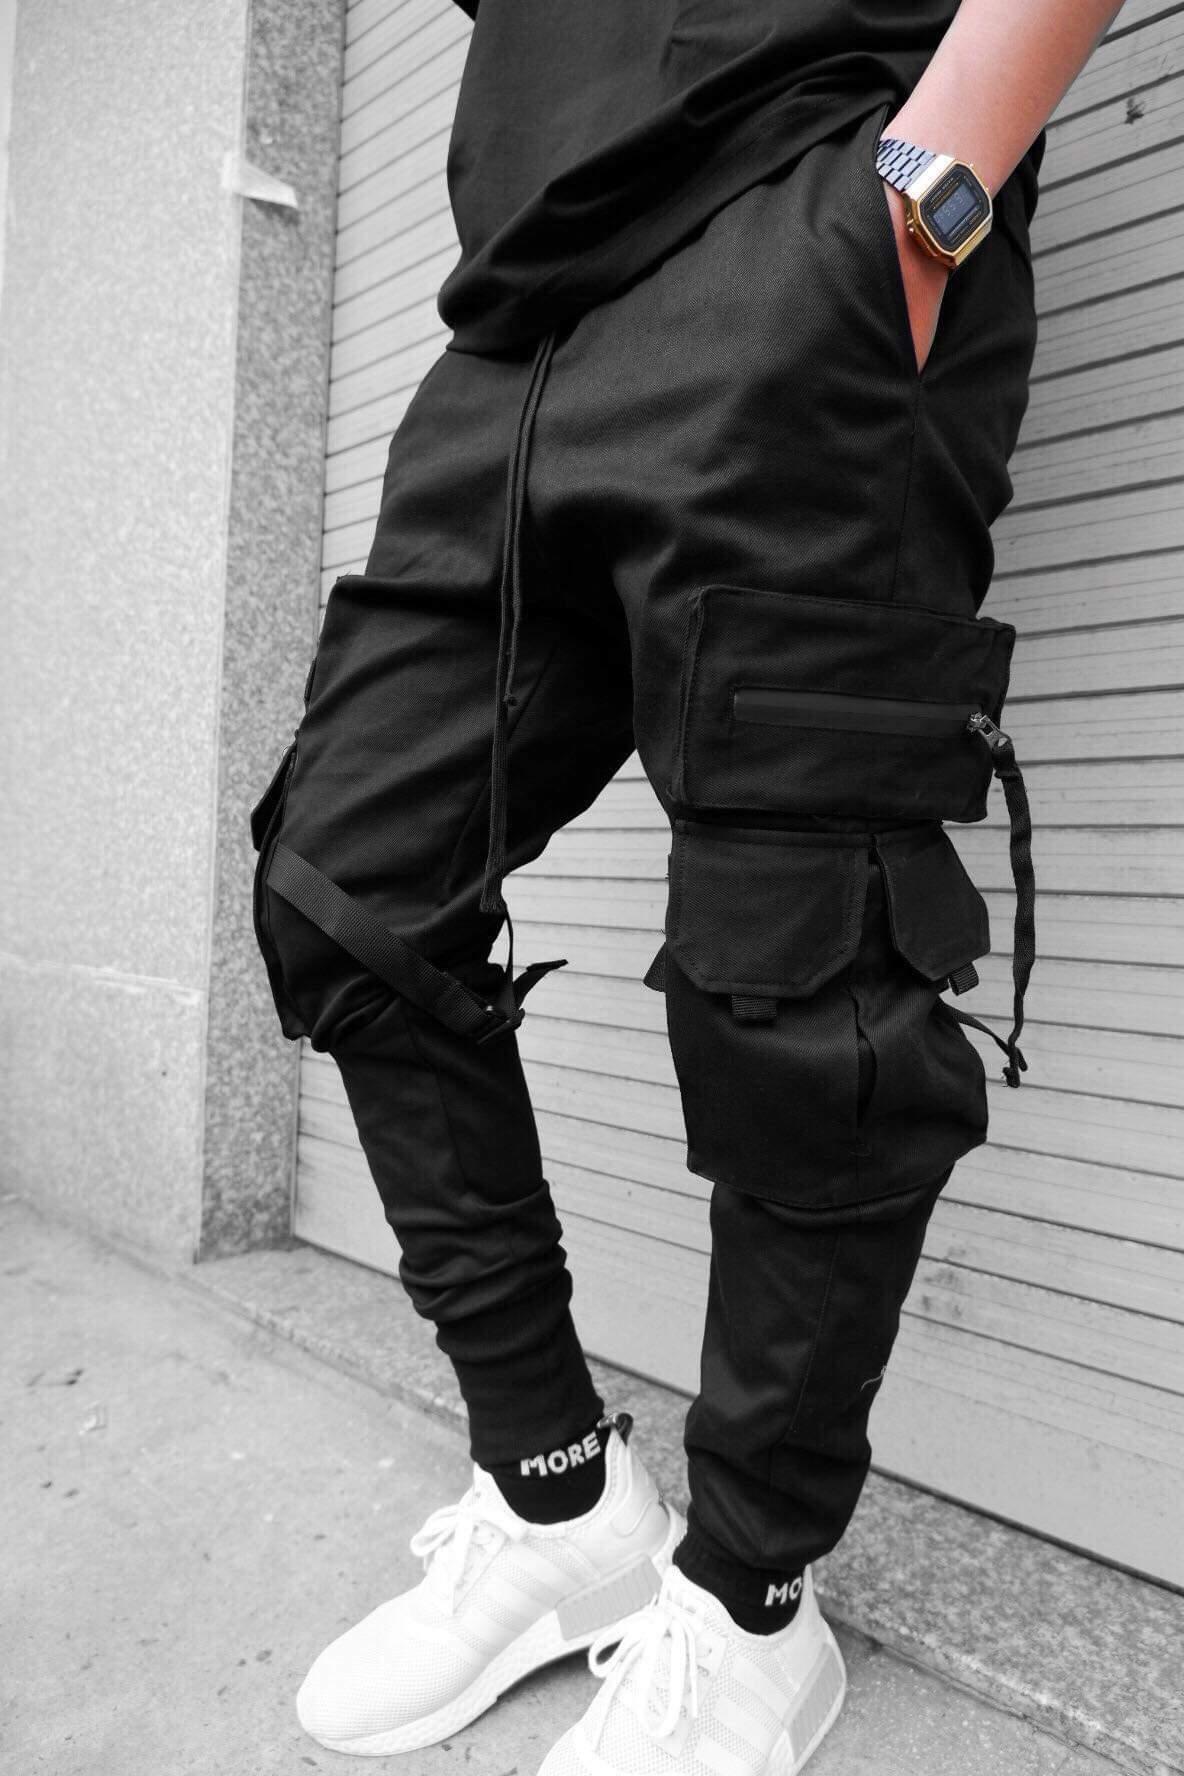 Quần Jogger Kaki Nam TÚi HỘp Cao Cấp Siêu Chât Siêu Bãnh KỲ_duyÊn Fashion By KỲ_duyÊn Fashion.